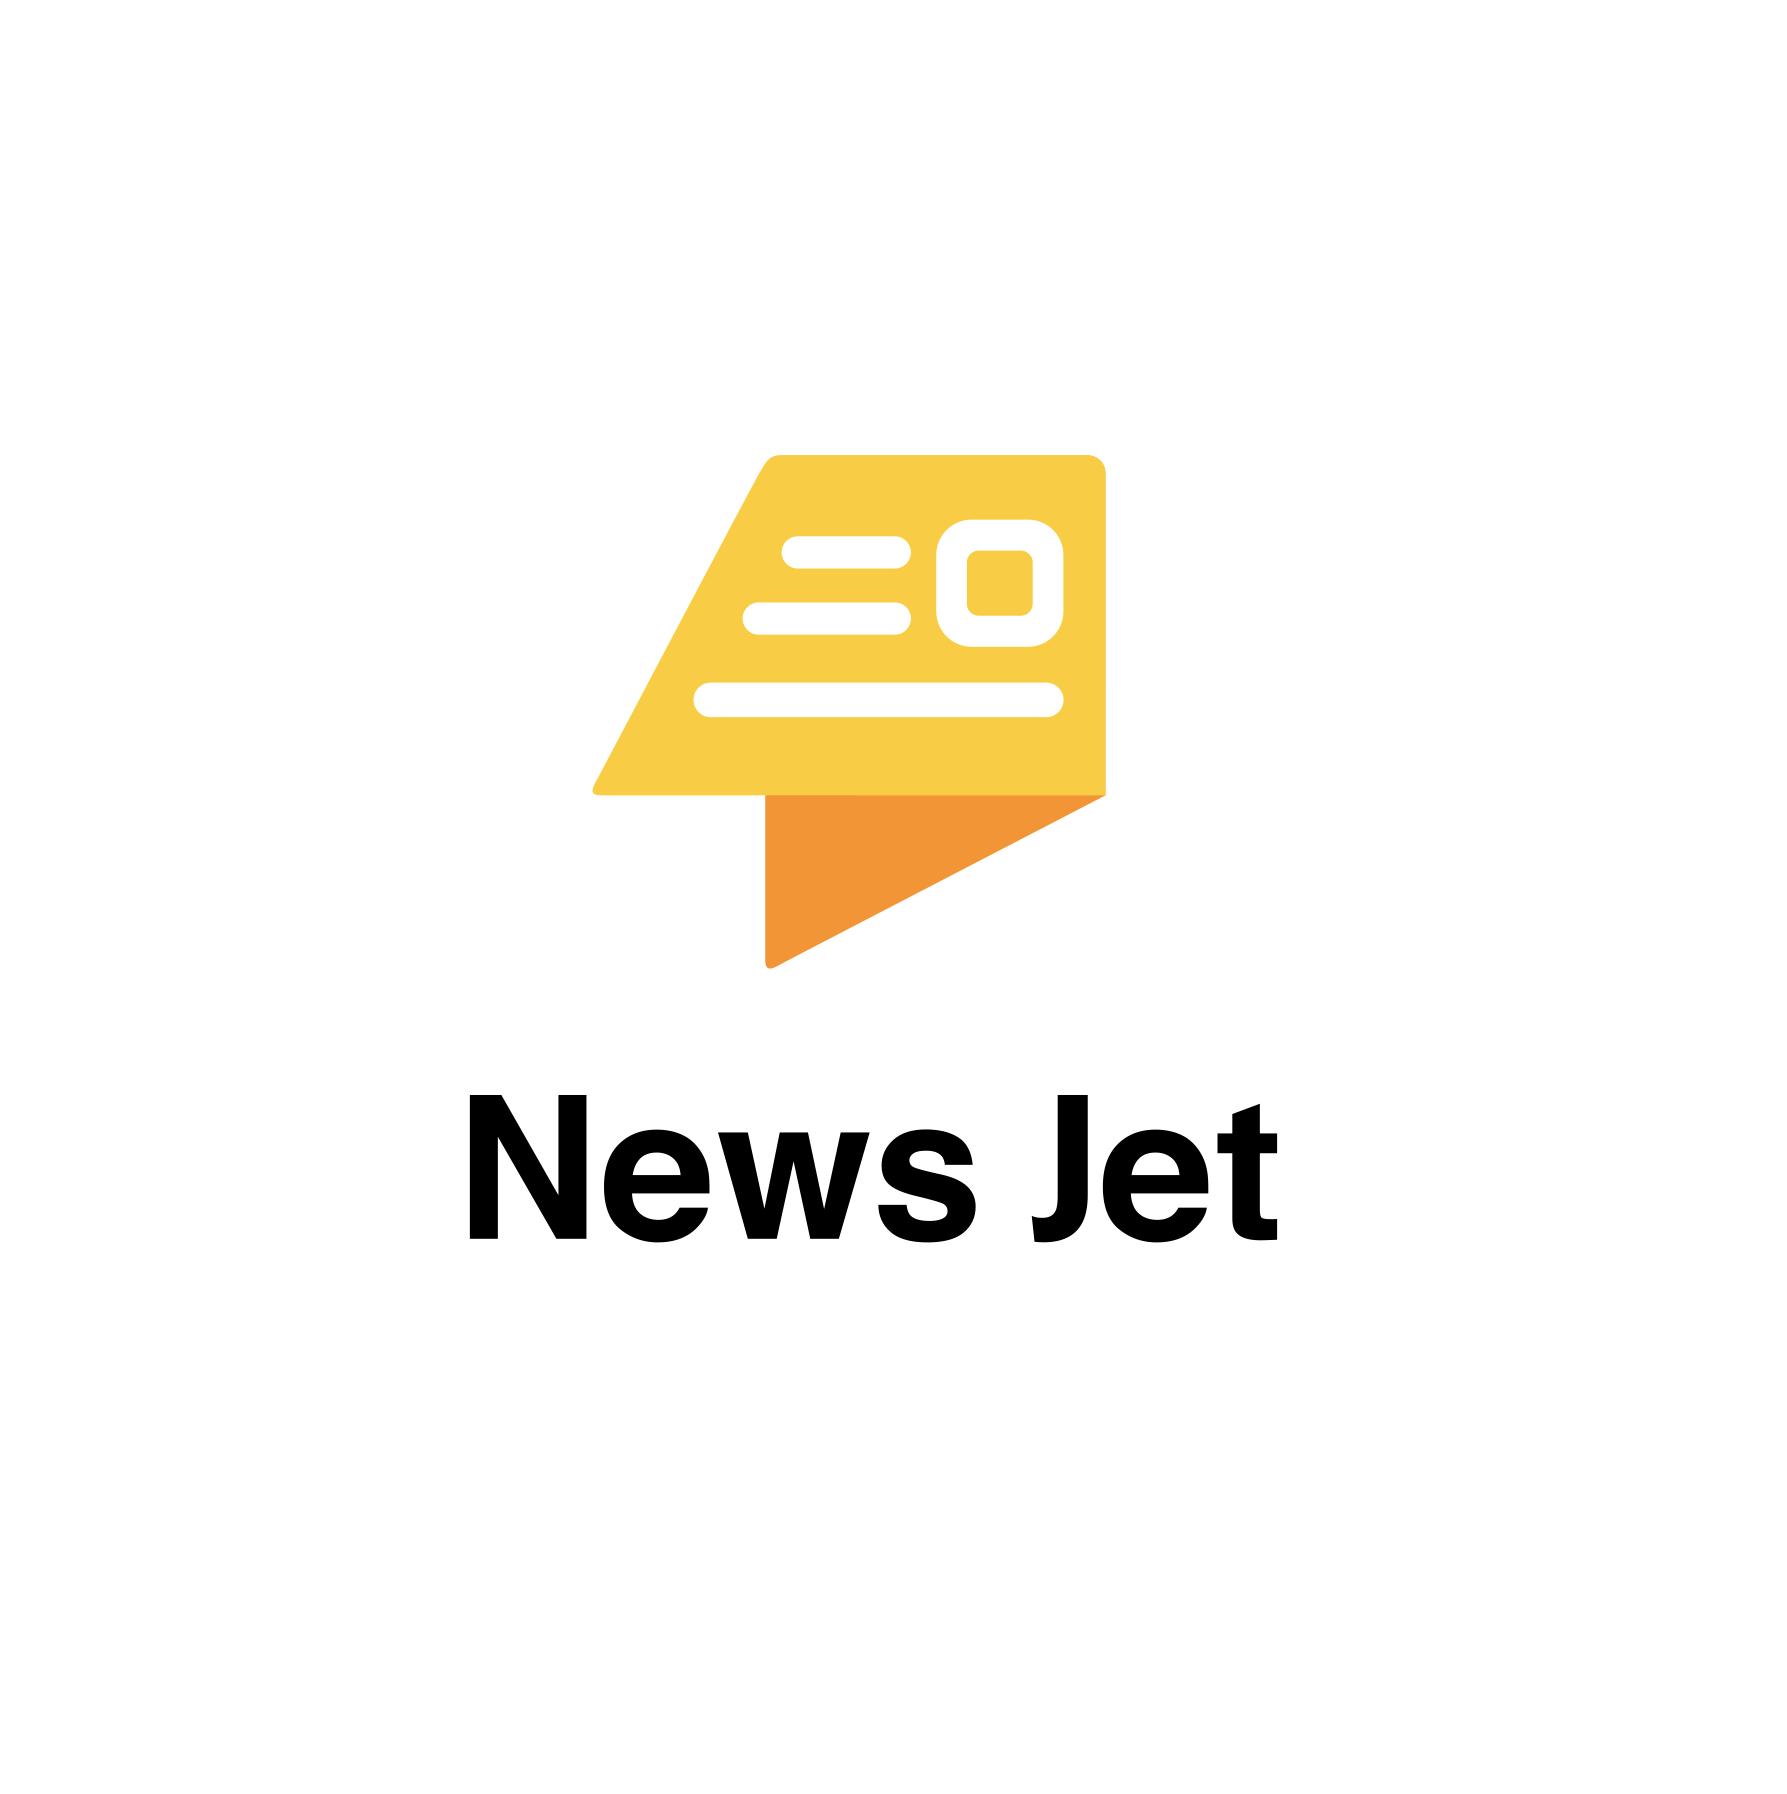 NewsJet